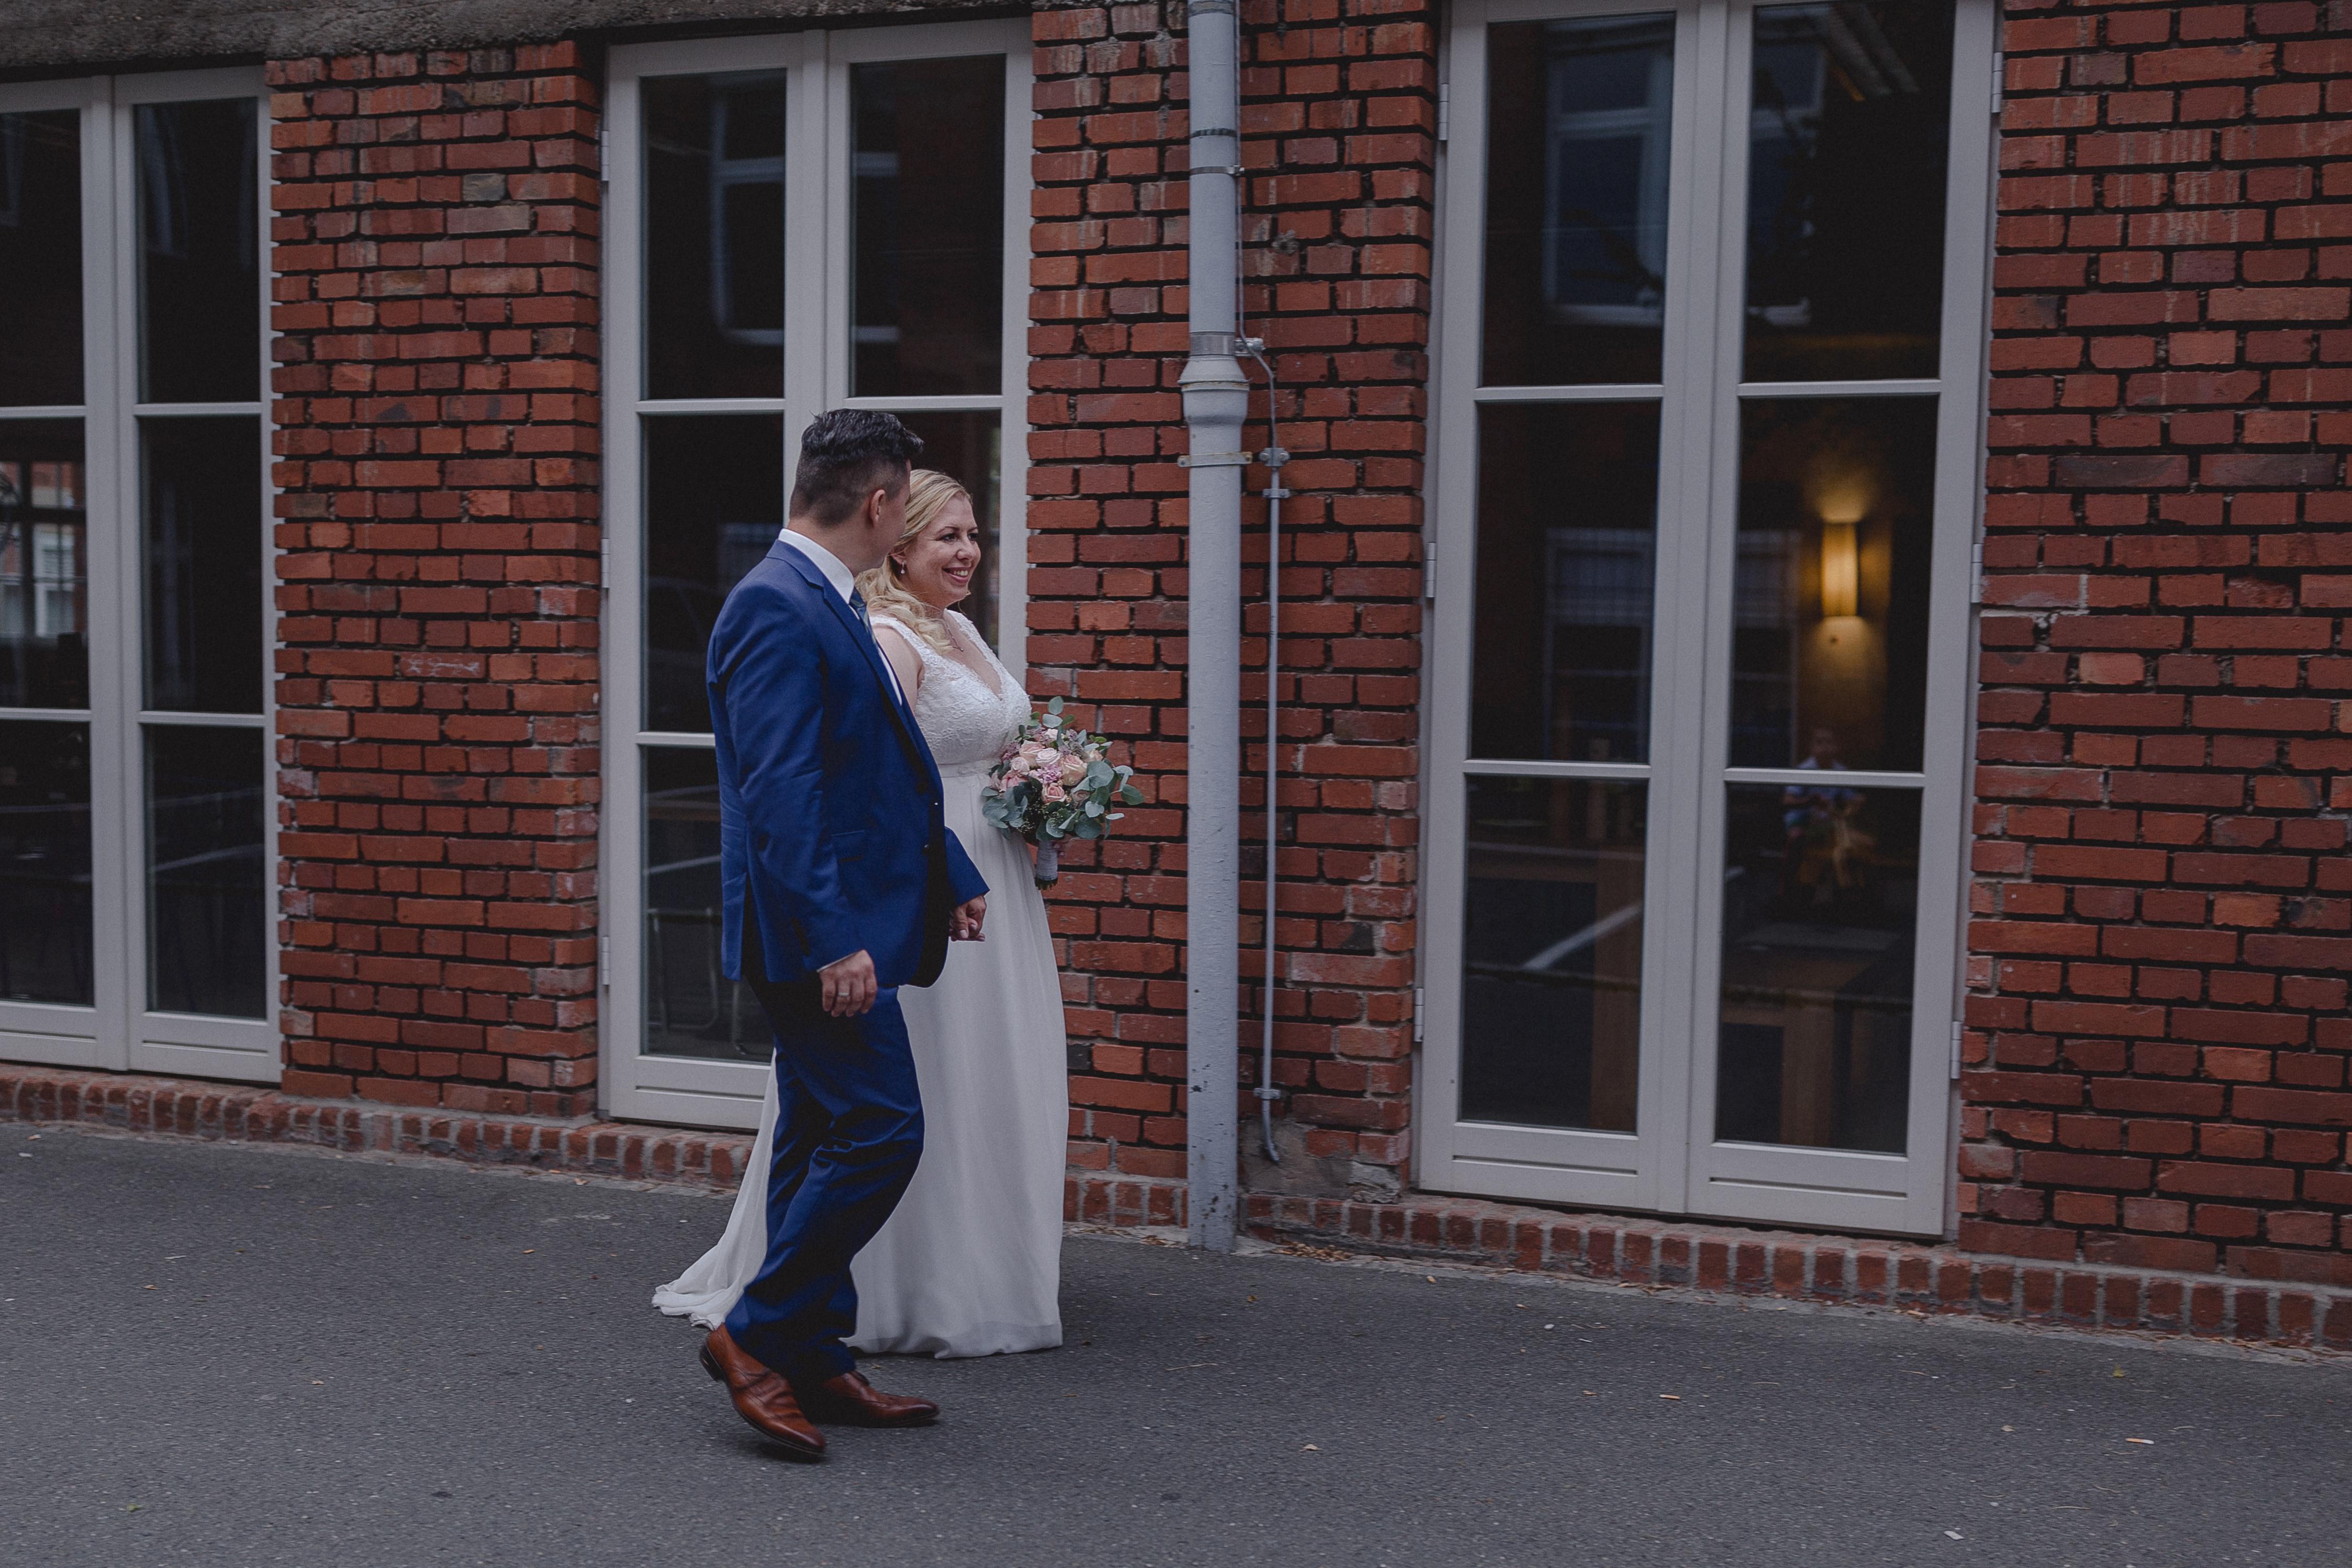 URBANERIE_Daniela_Goth_Vintage_Hochzeitsfotografin_Nuernberg_Fuerth_Erlangen_180609_1211